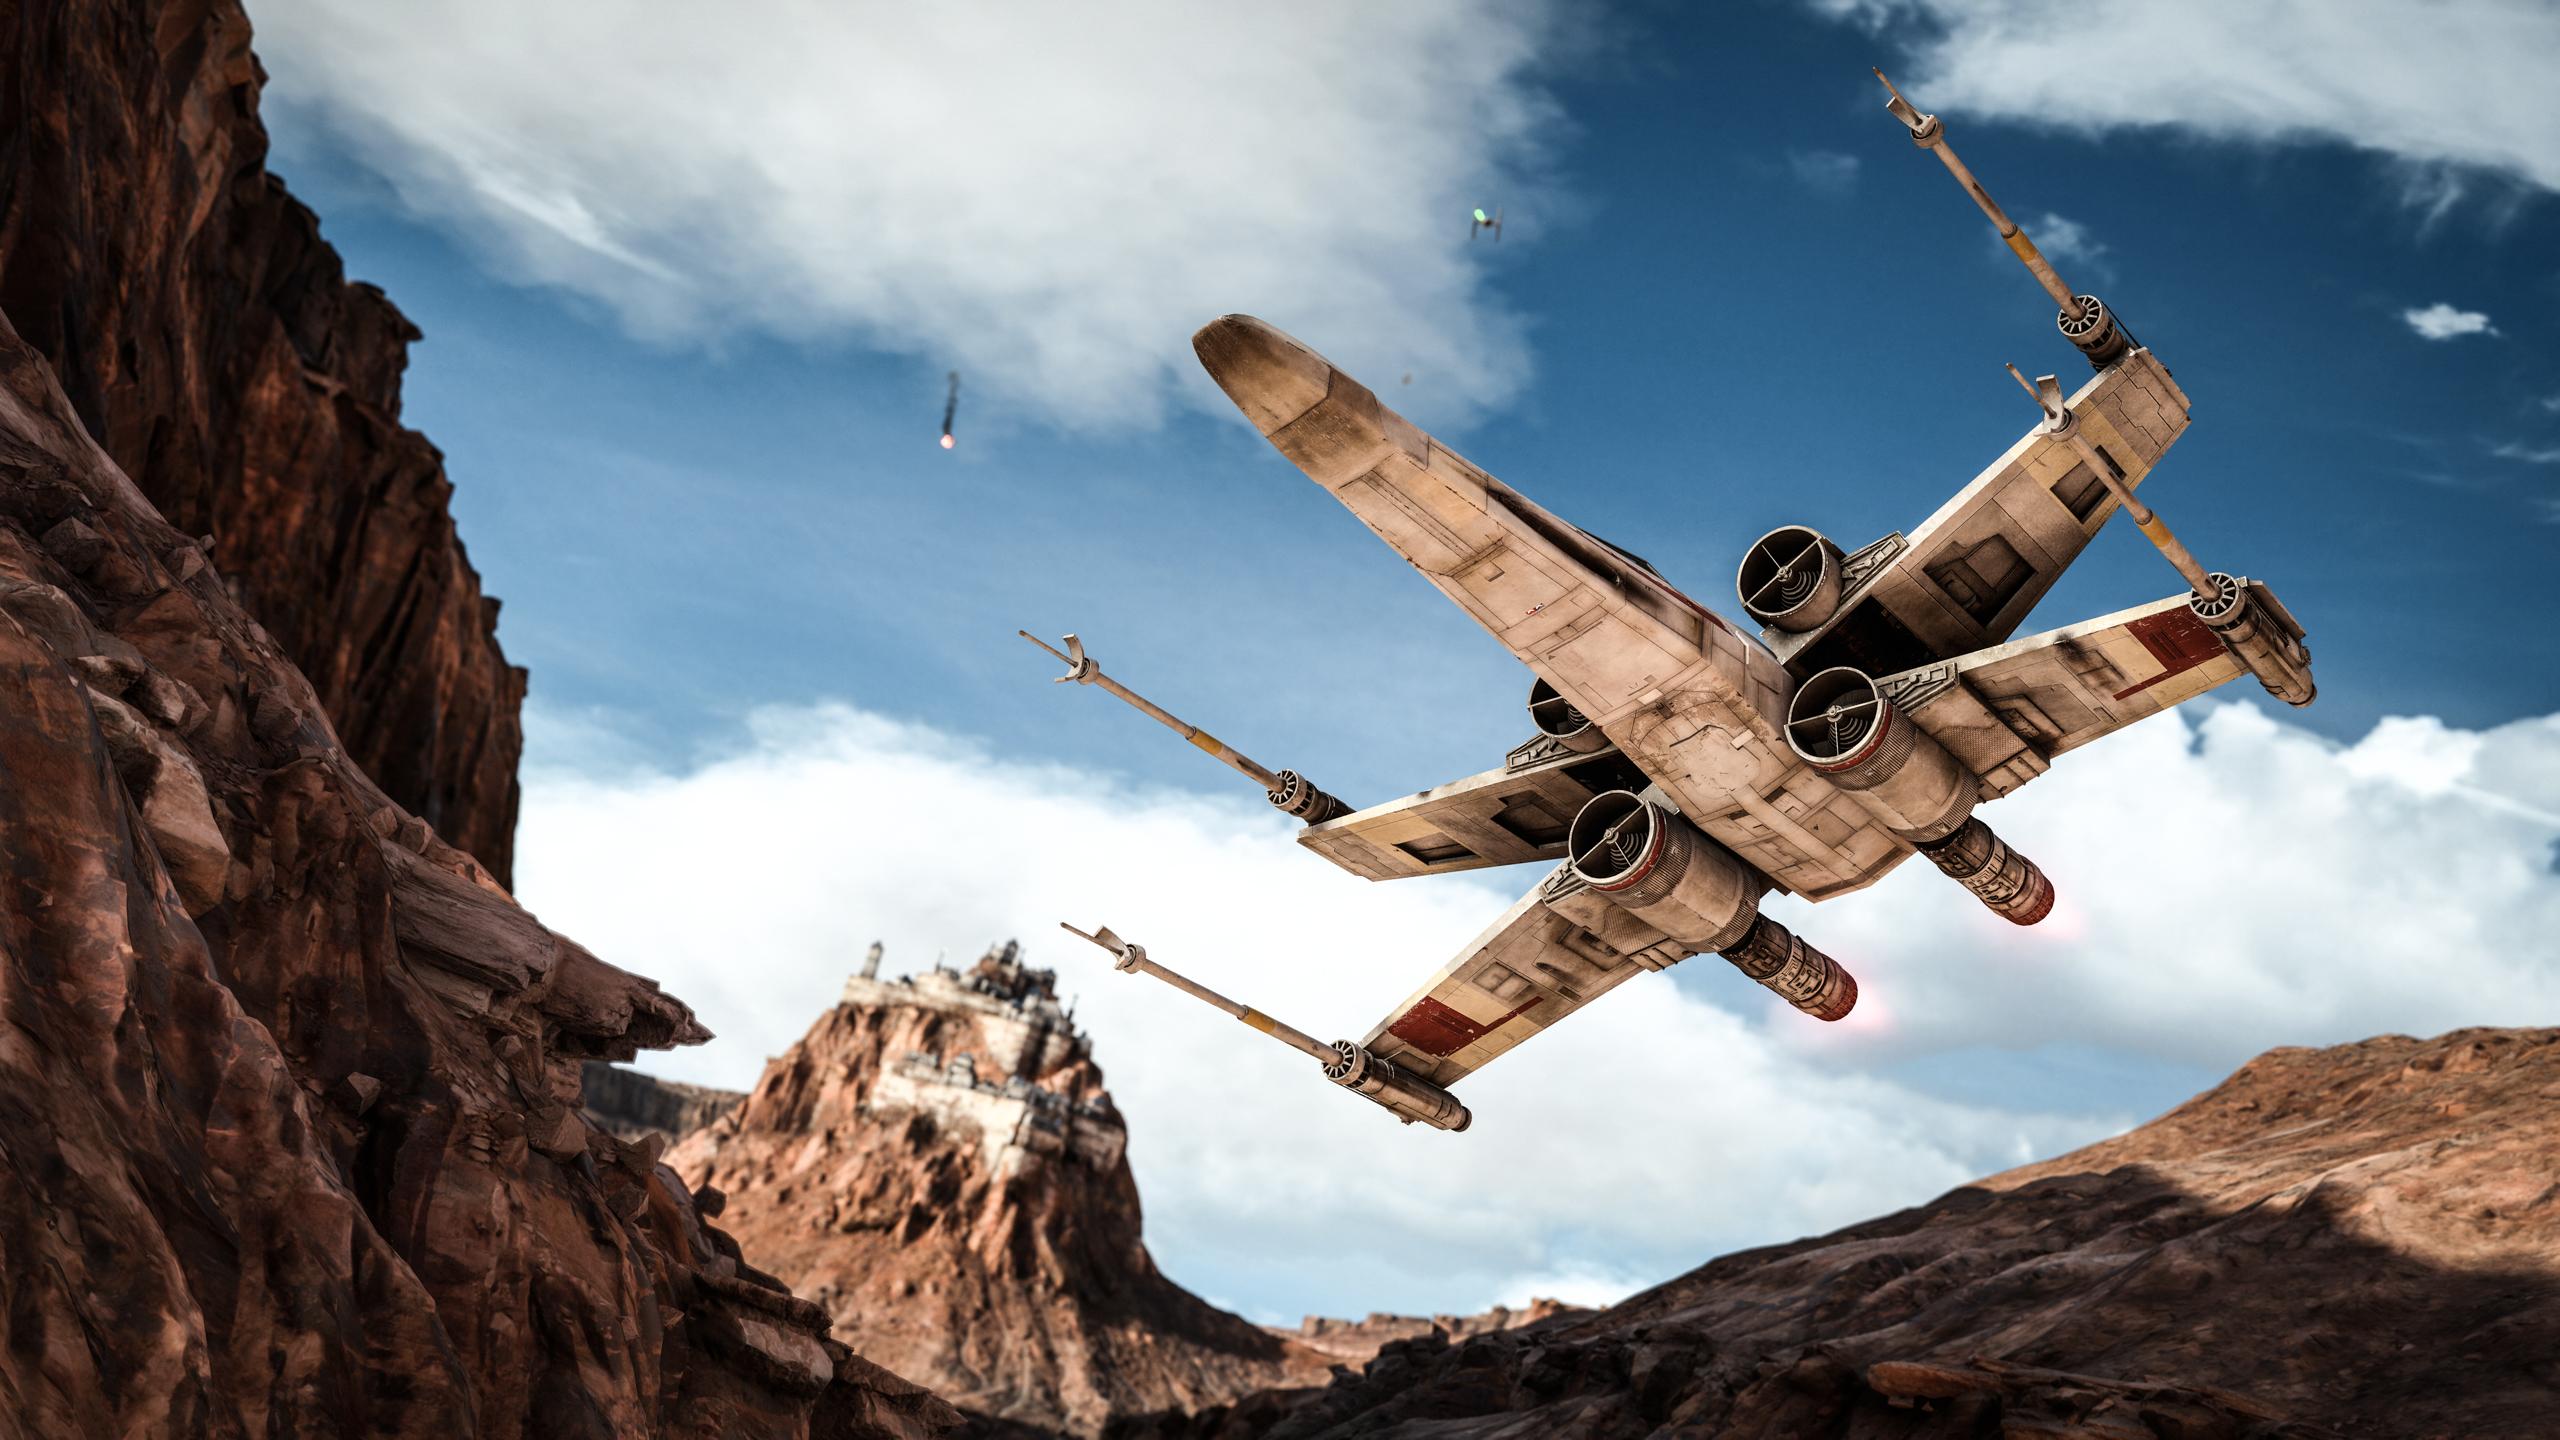 Star Wars Battlefront 2 Background: Star Wars Battlefront (2015) Wallpapers, Pictures, Images